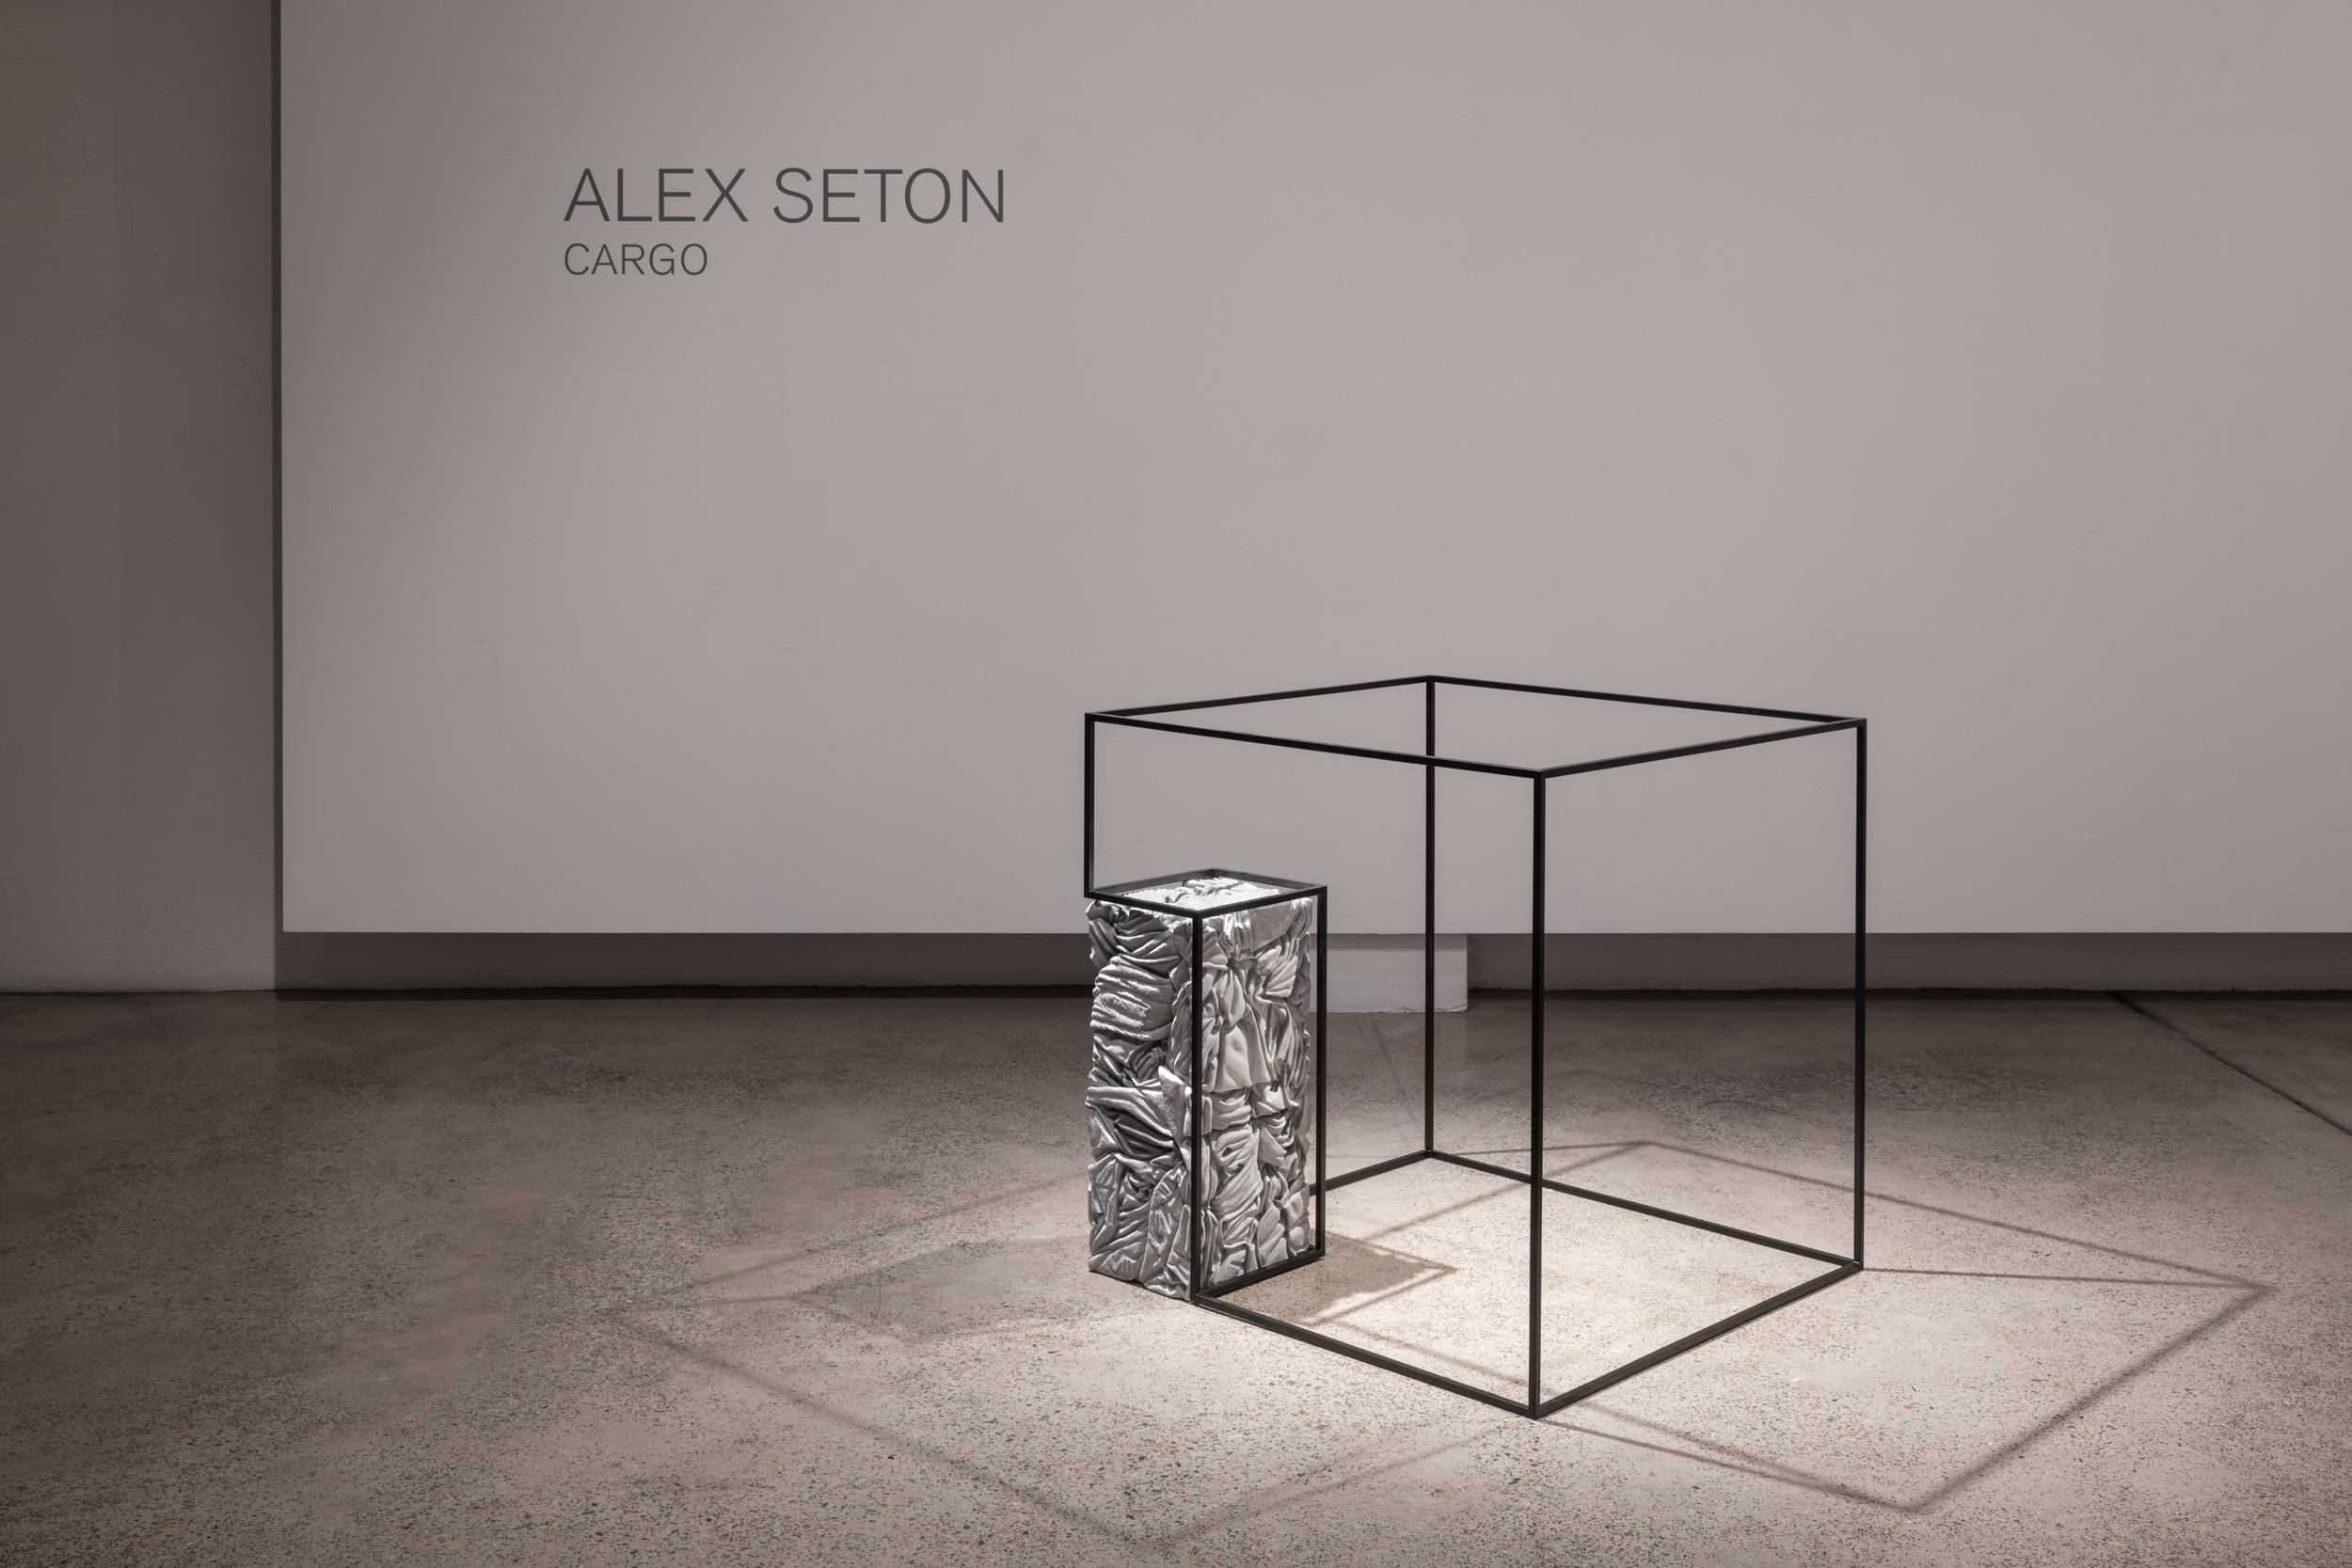 Alex Seton_Cargo_2018_Installation_004.jpg